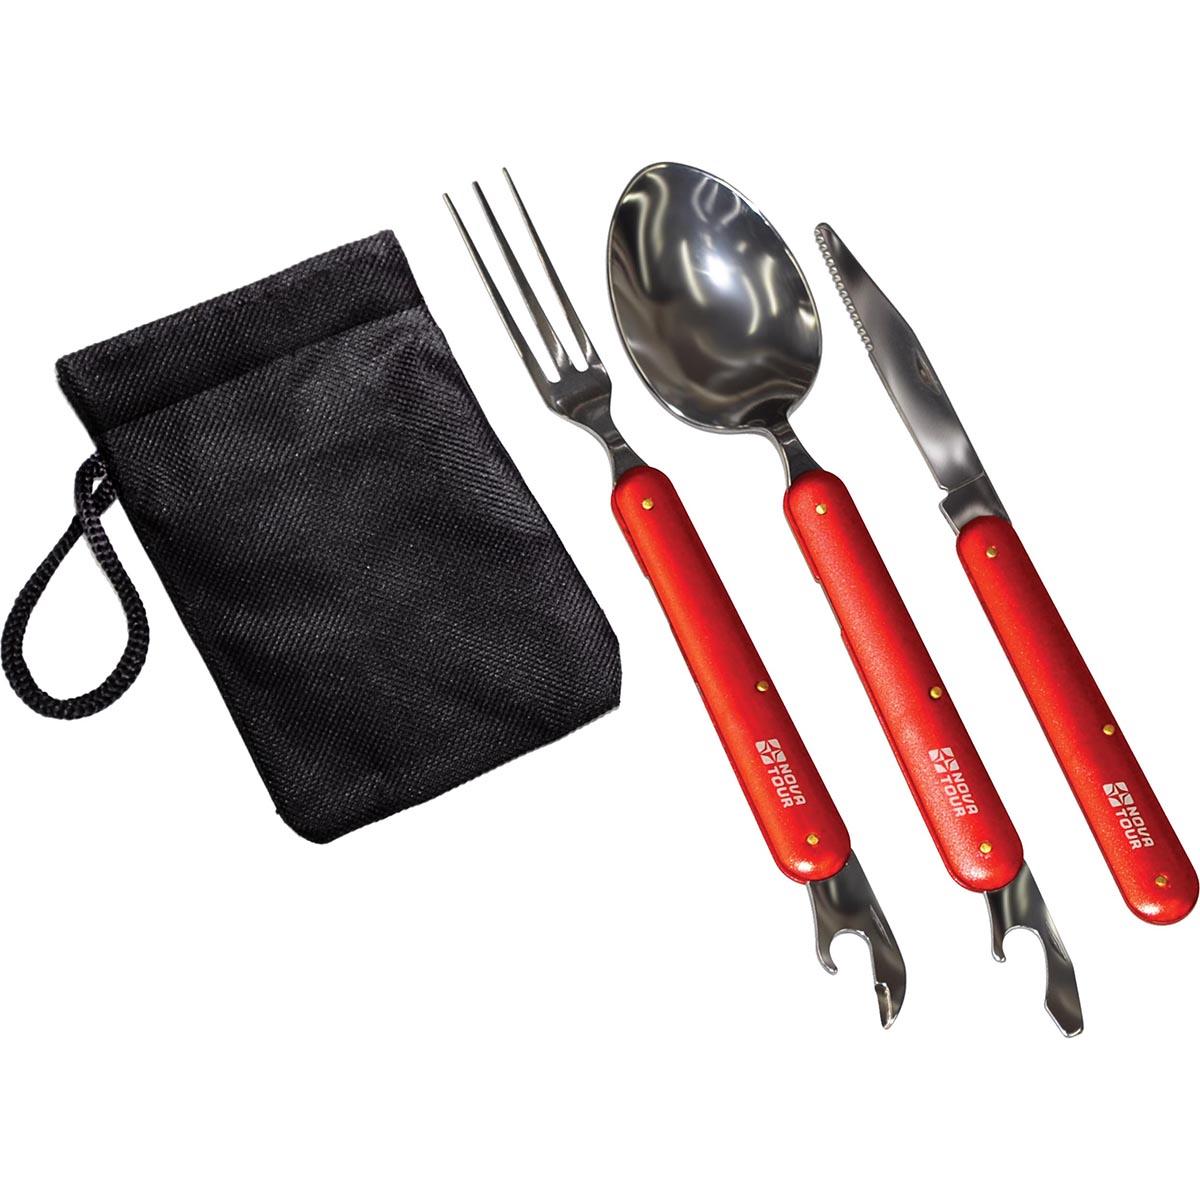 Набор столовых приборов складных NOVA TOUR ST-1, цвет: красный95787-001-00Компактный набор столовых приборов со складными ручками. Ложка и вилка имеют консервный нож. Набор укопмплектован тканевым мешочком.; Материал Нержавеющая пищевая сталь/пищевой алюминий Вес (кг) 0,14